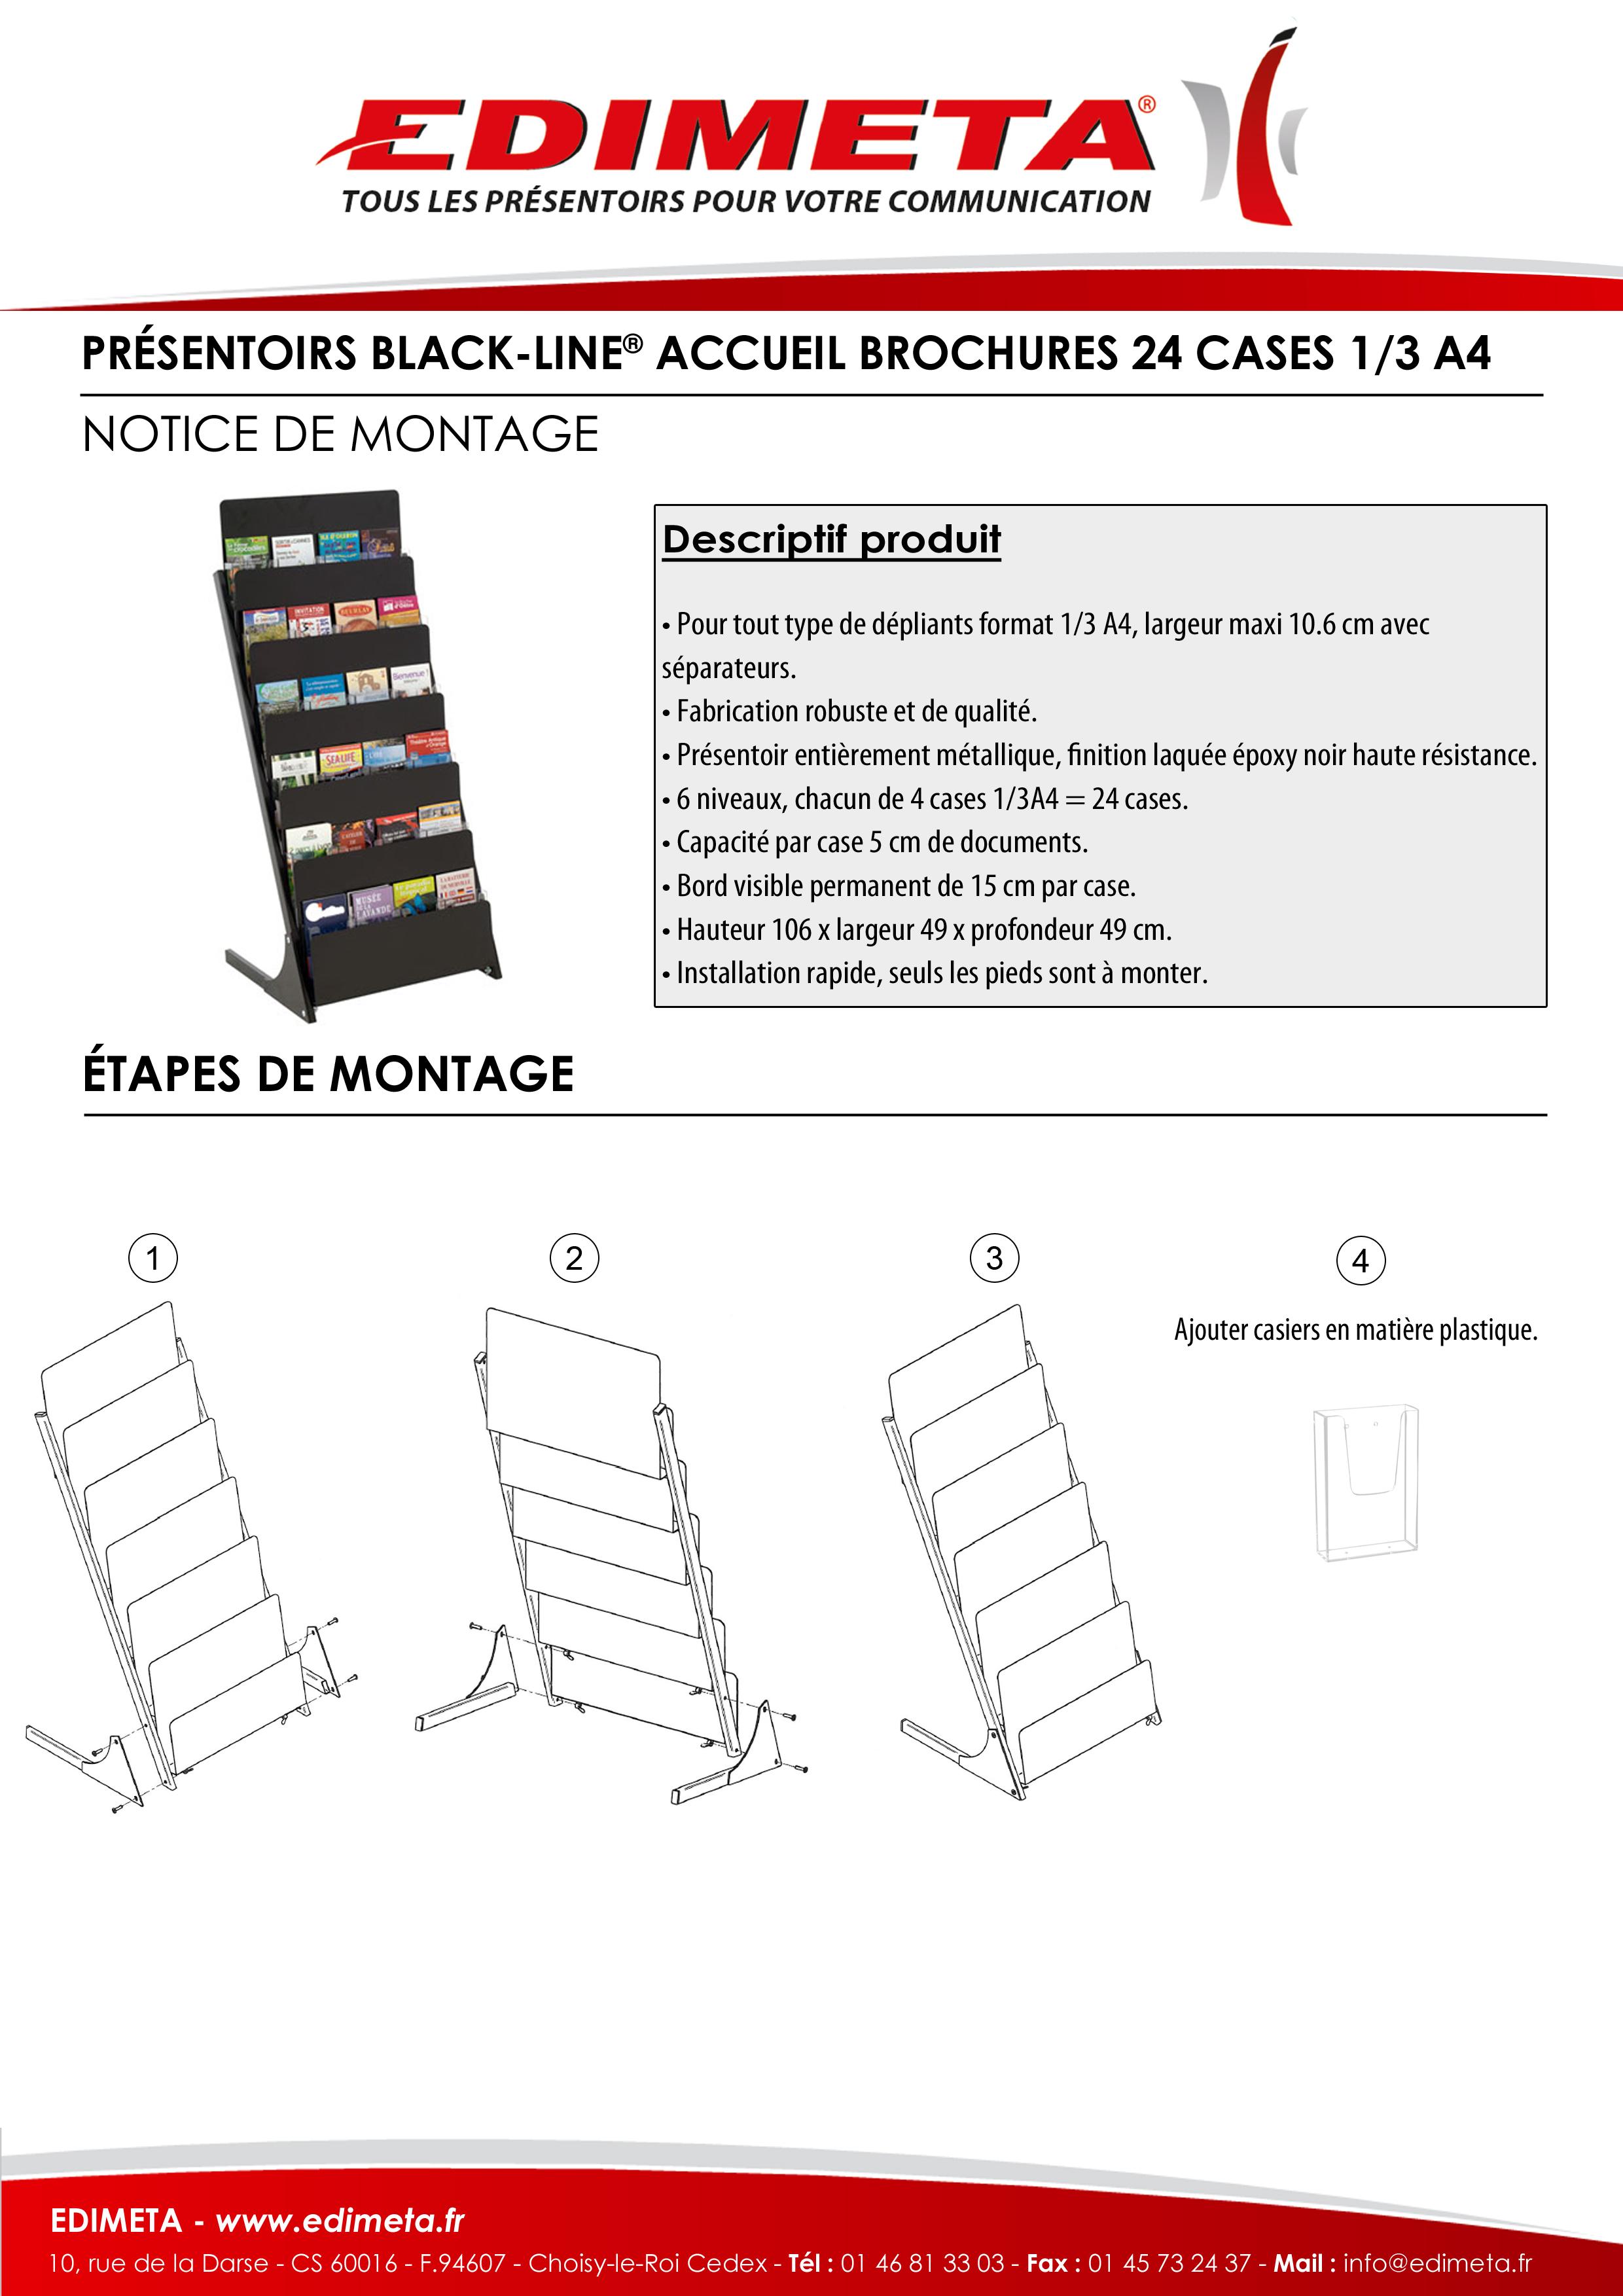 NOTICE DE MONTAGE : PRÉSENTOIRS BLACK-LINE® ACCUEIL BROCHURES 24 CASES 1/3 A4